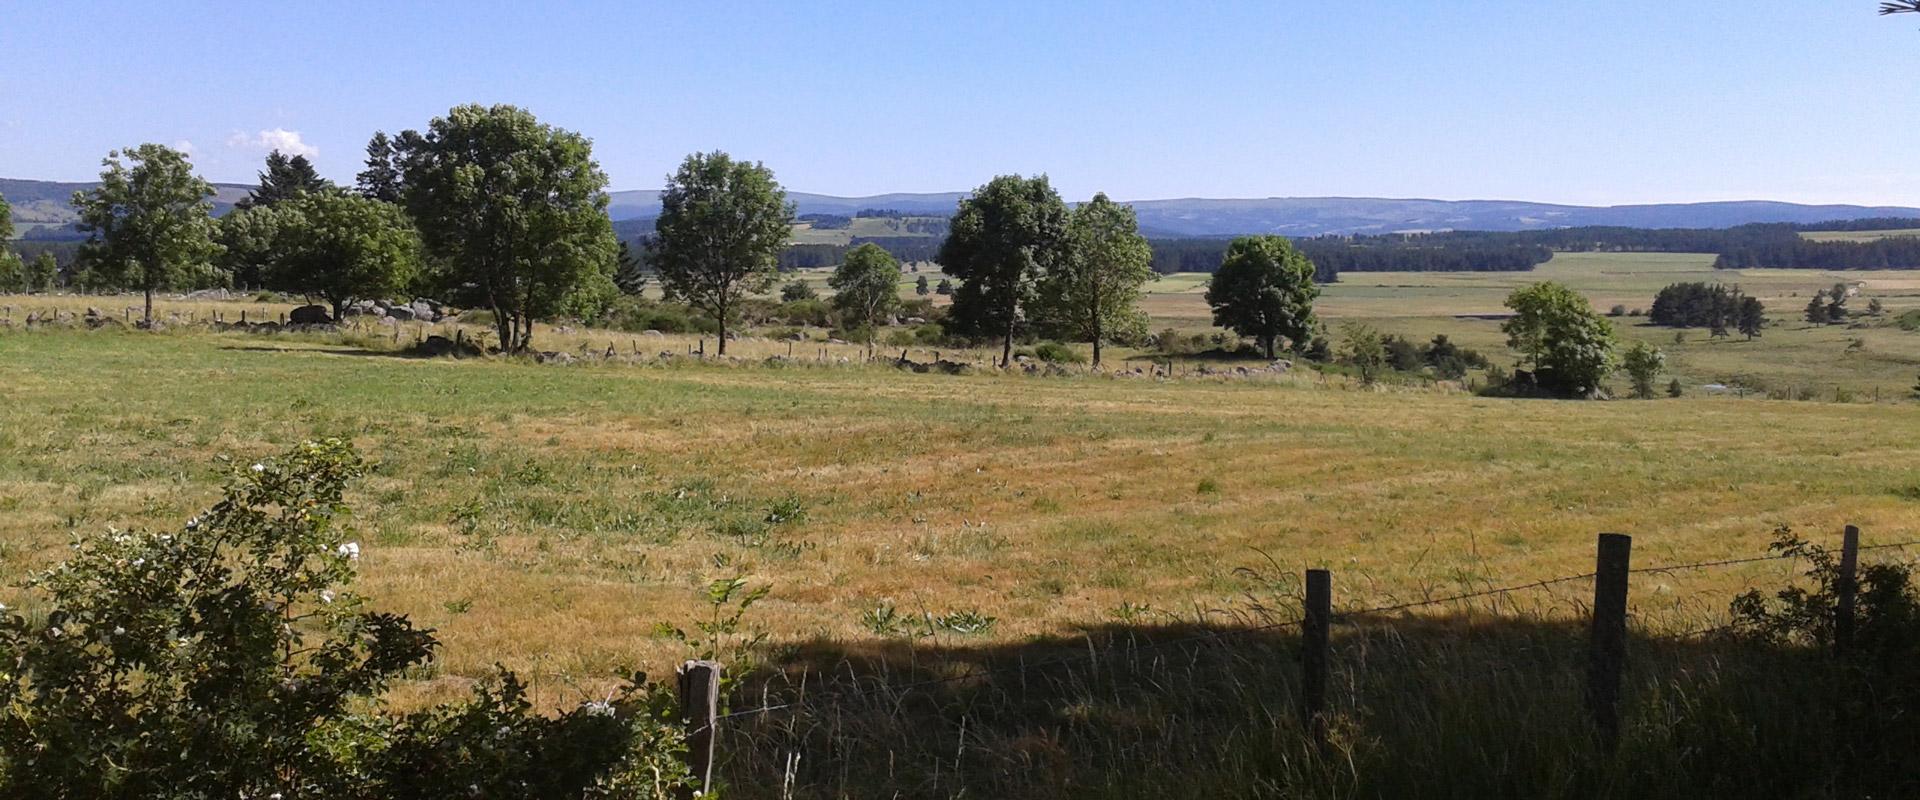 Vue de la plaine de Montbel situé à proximité du gîte Lou Saltret en Lozère